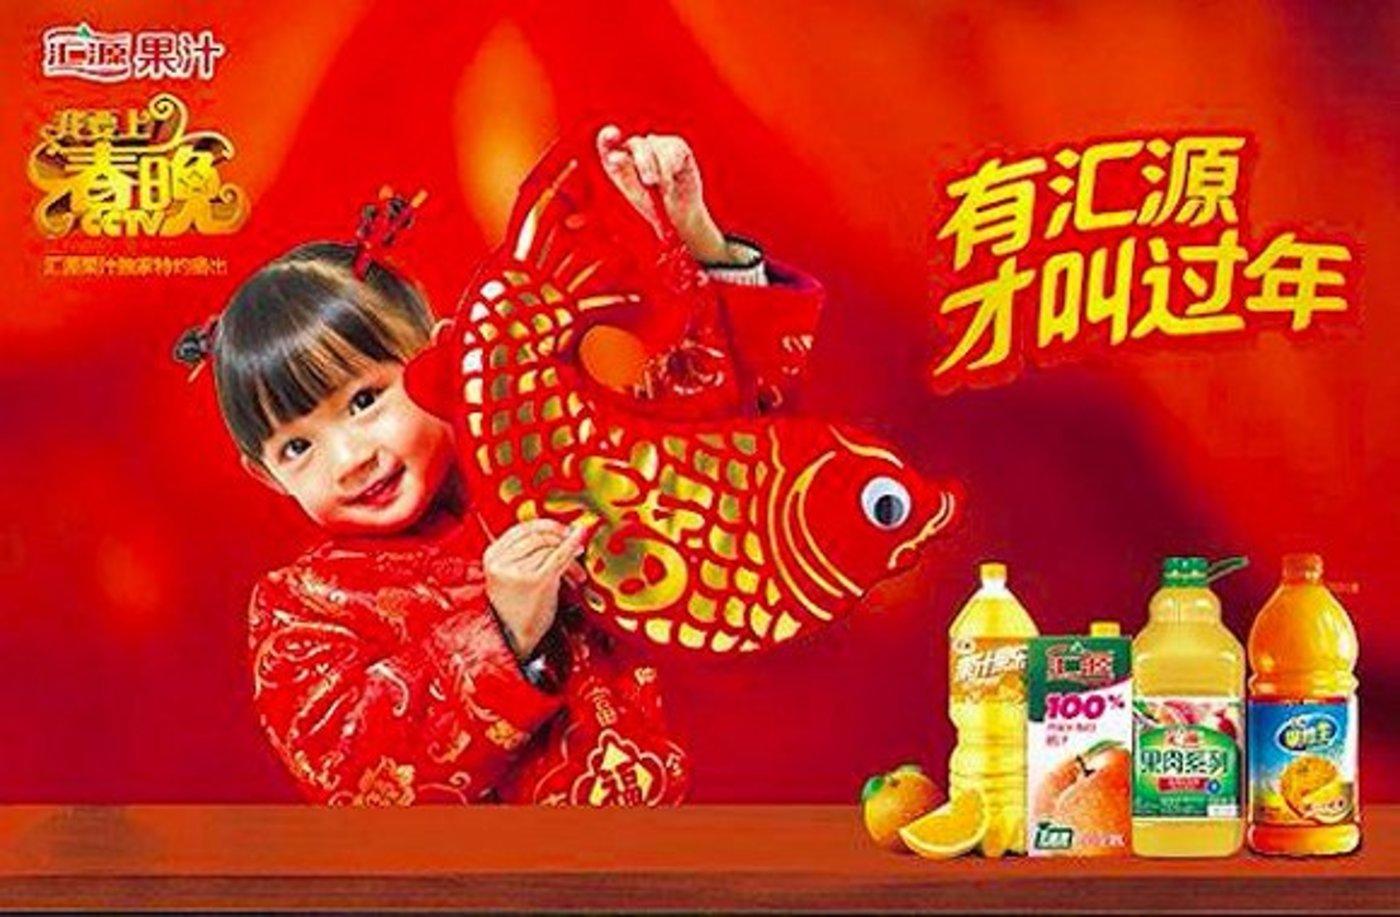 汇源果汁的电视广告